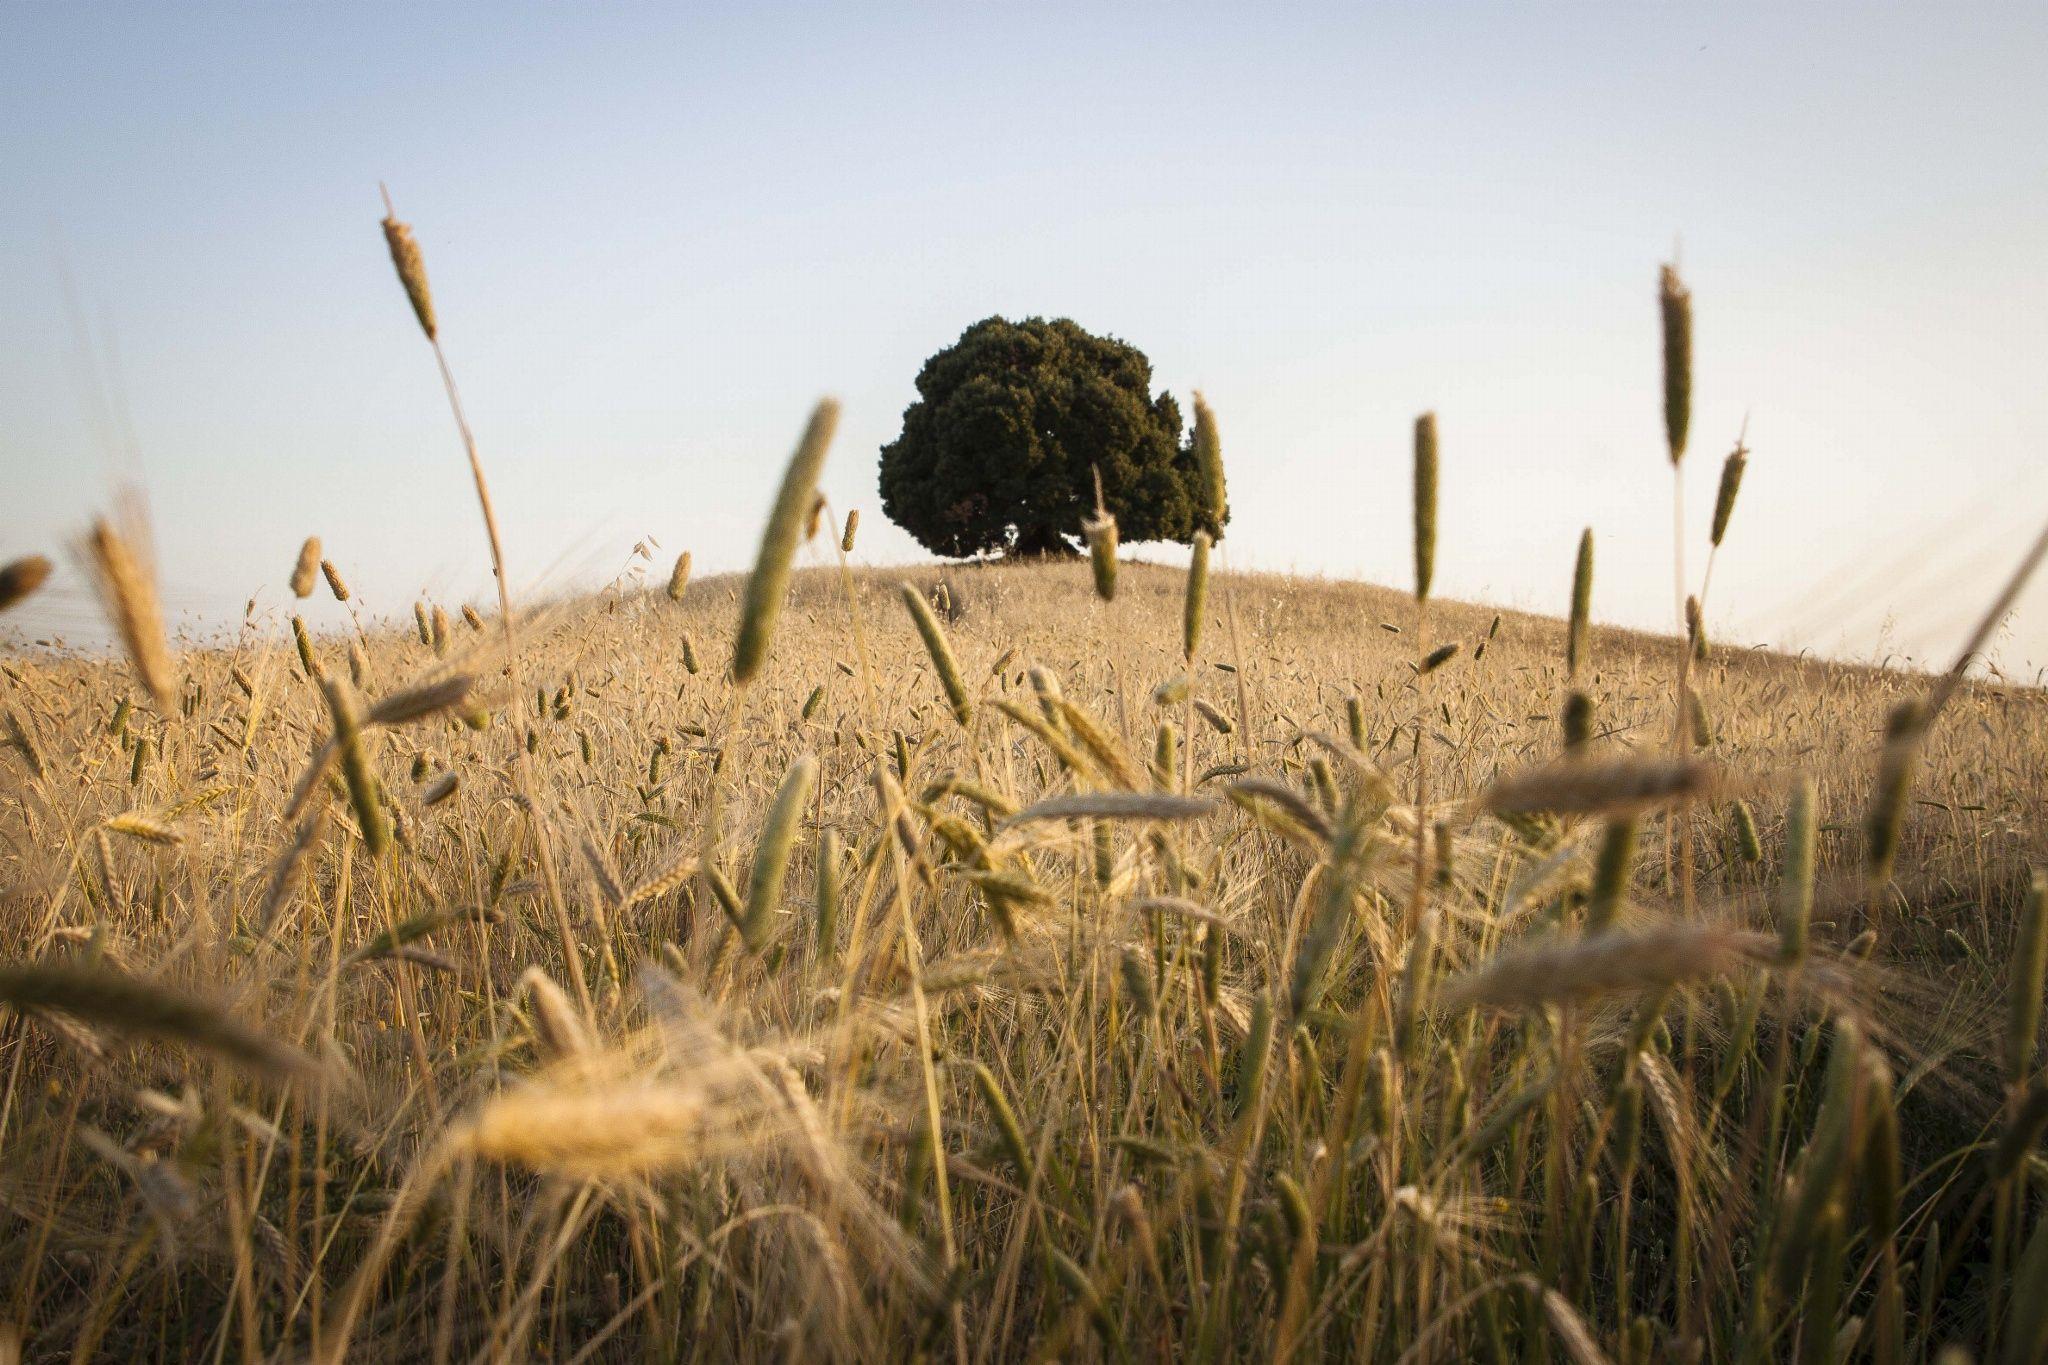 Crete senesi by Cesare Simioni on 500px